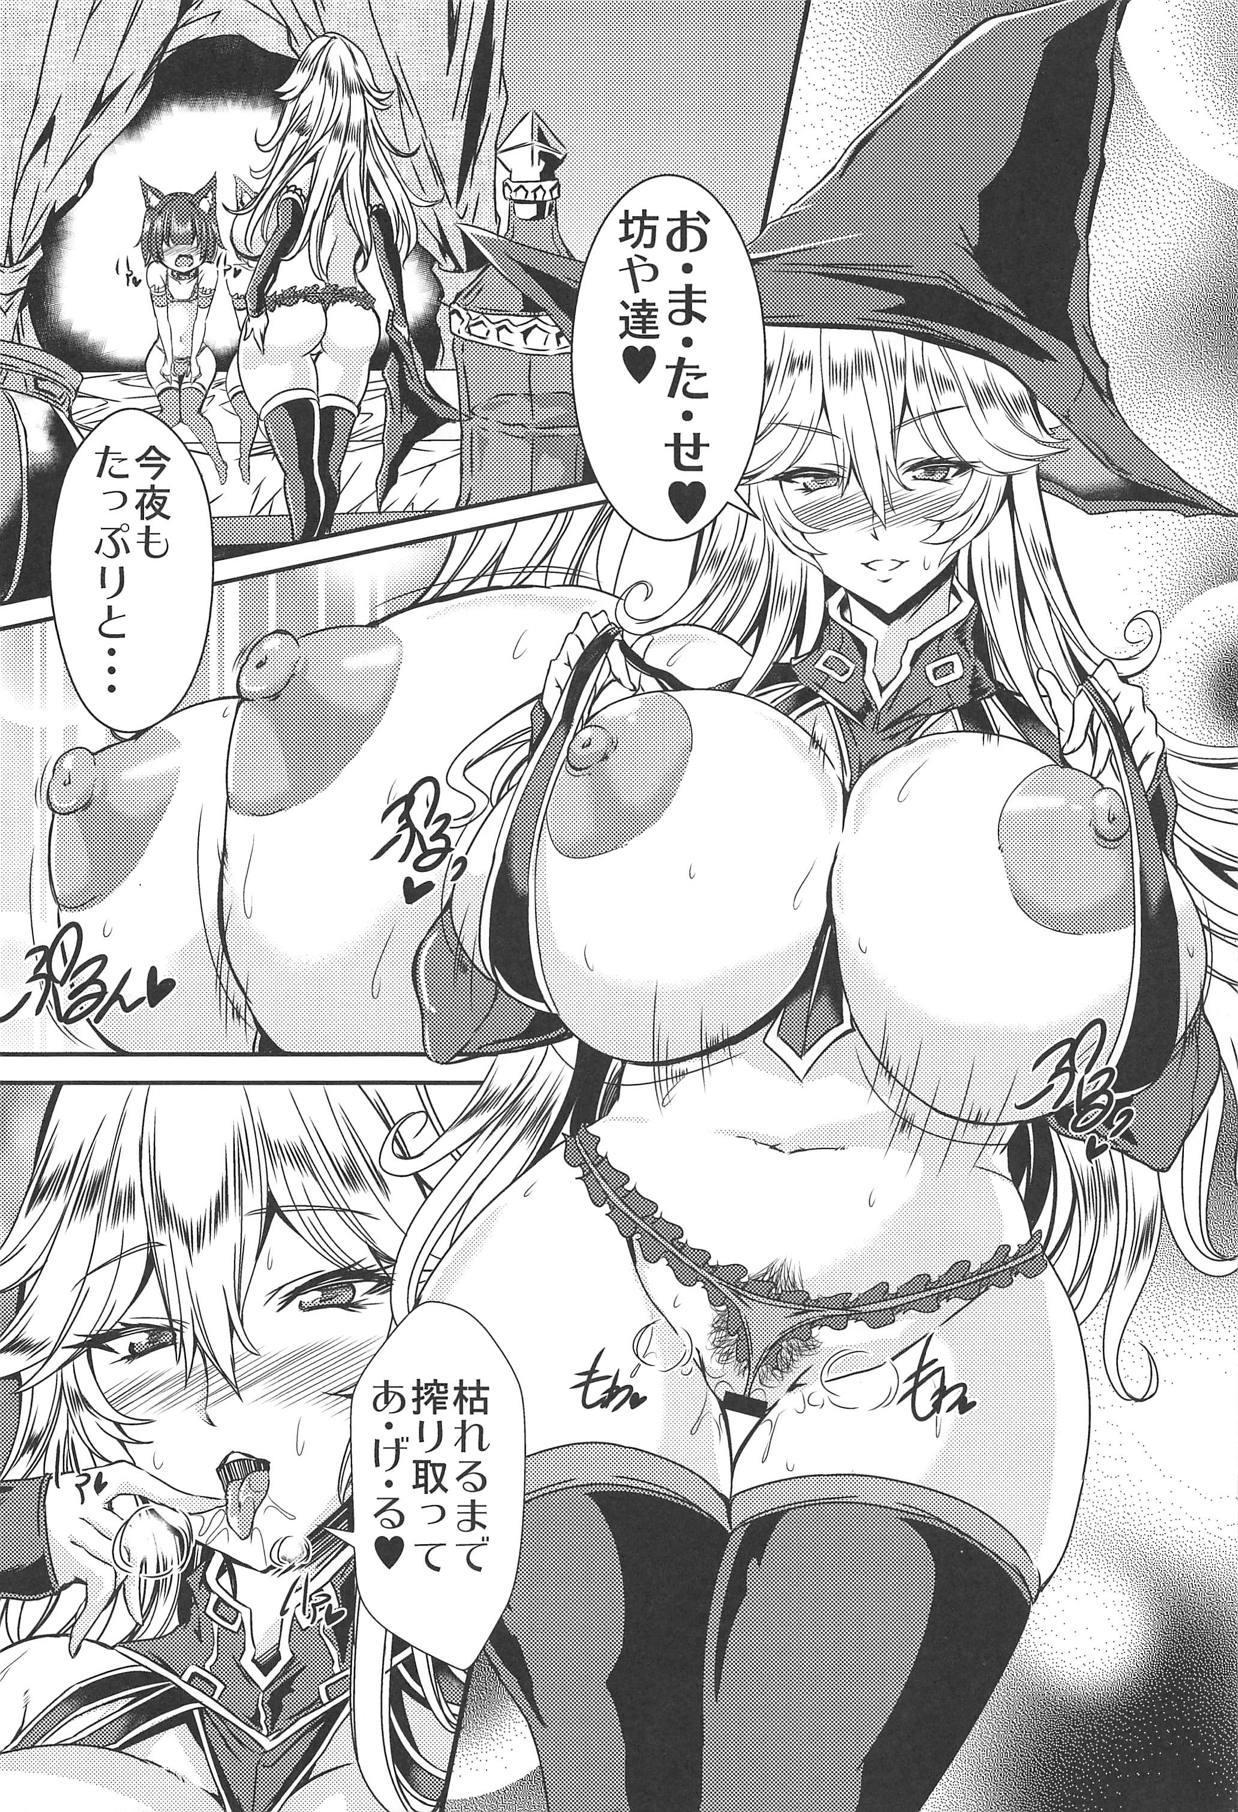 Magisa no Shiru Atsume 2